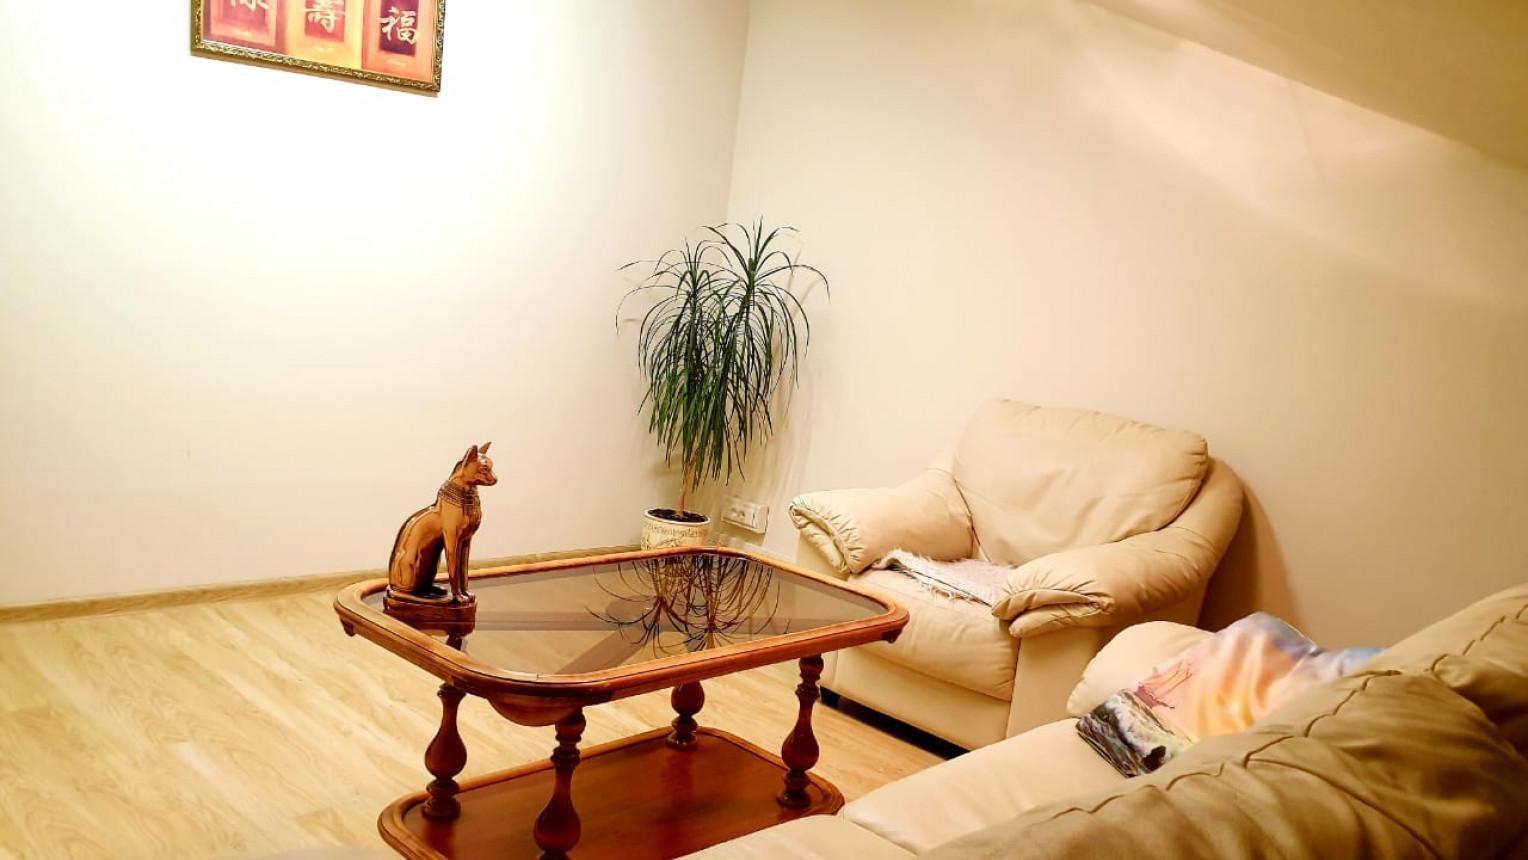 Кабинет для массажа и индивидуальных консультаций - фото №3